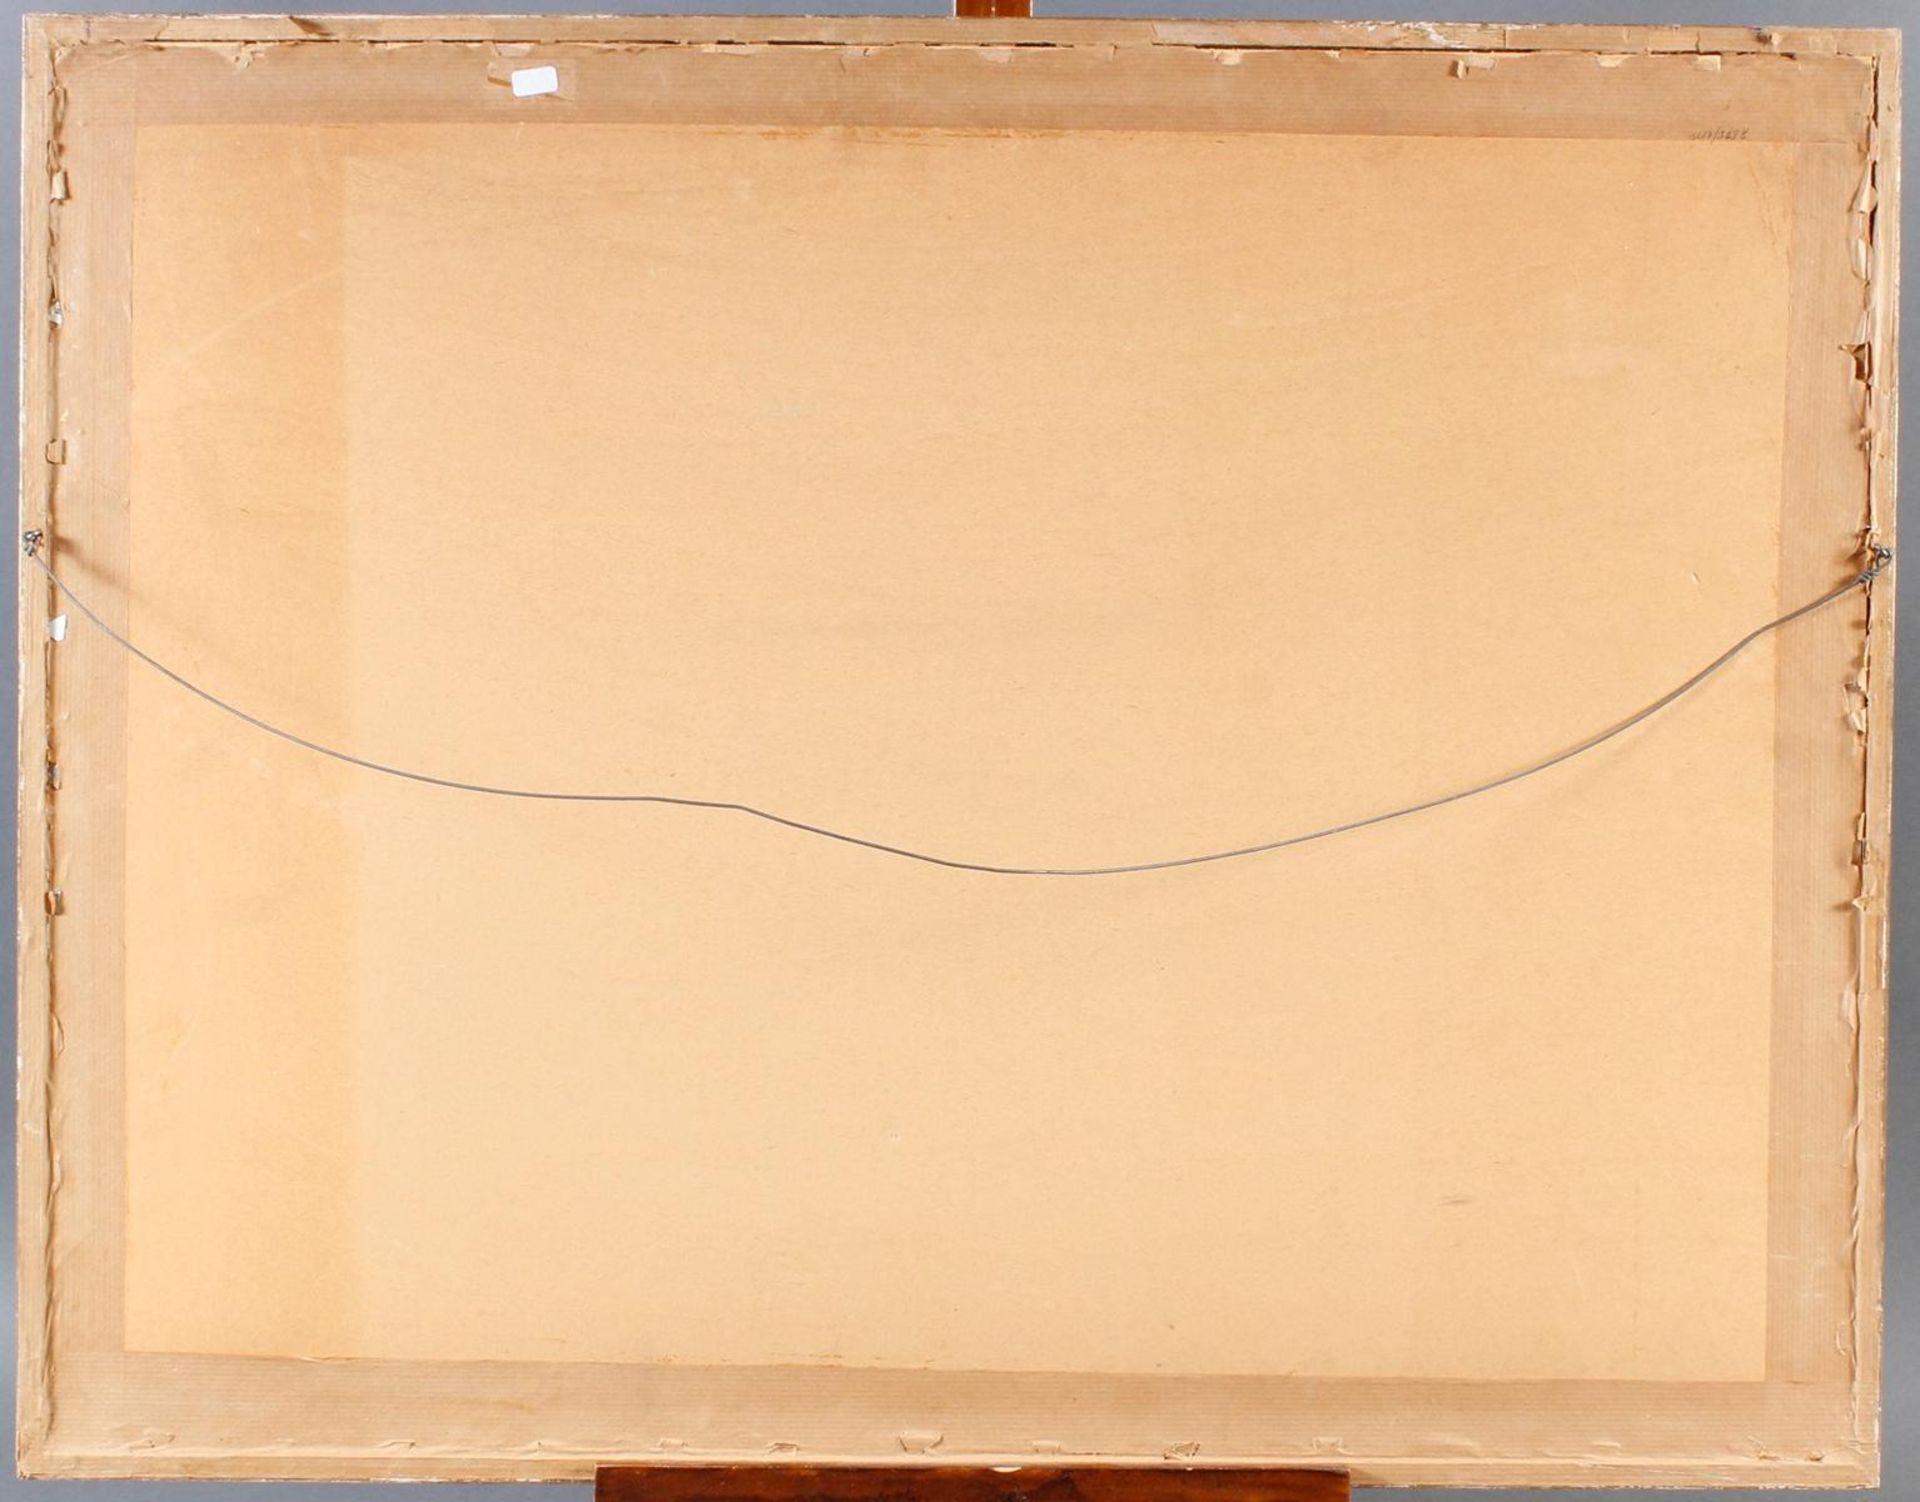 Aquarell, Hafenansicht mit Schiffen, Wilmmers 1950 - Bild 5 aus 5